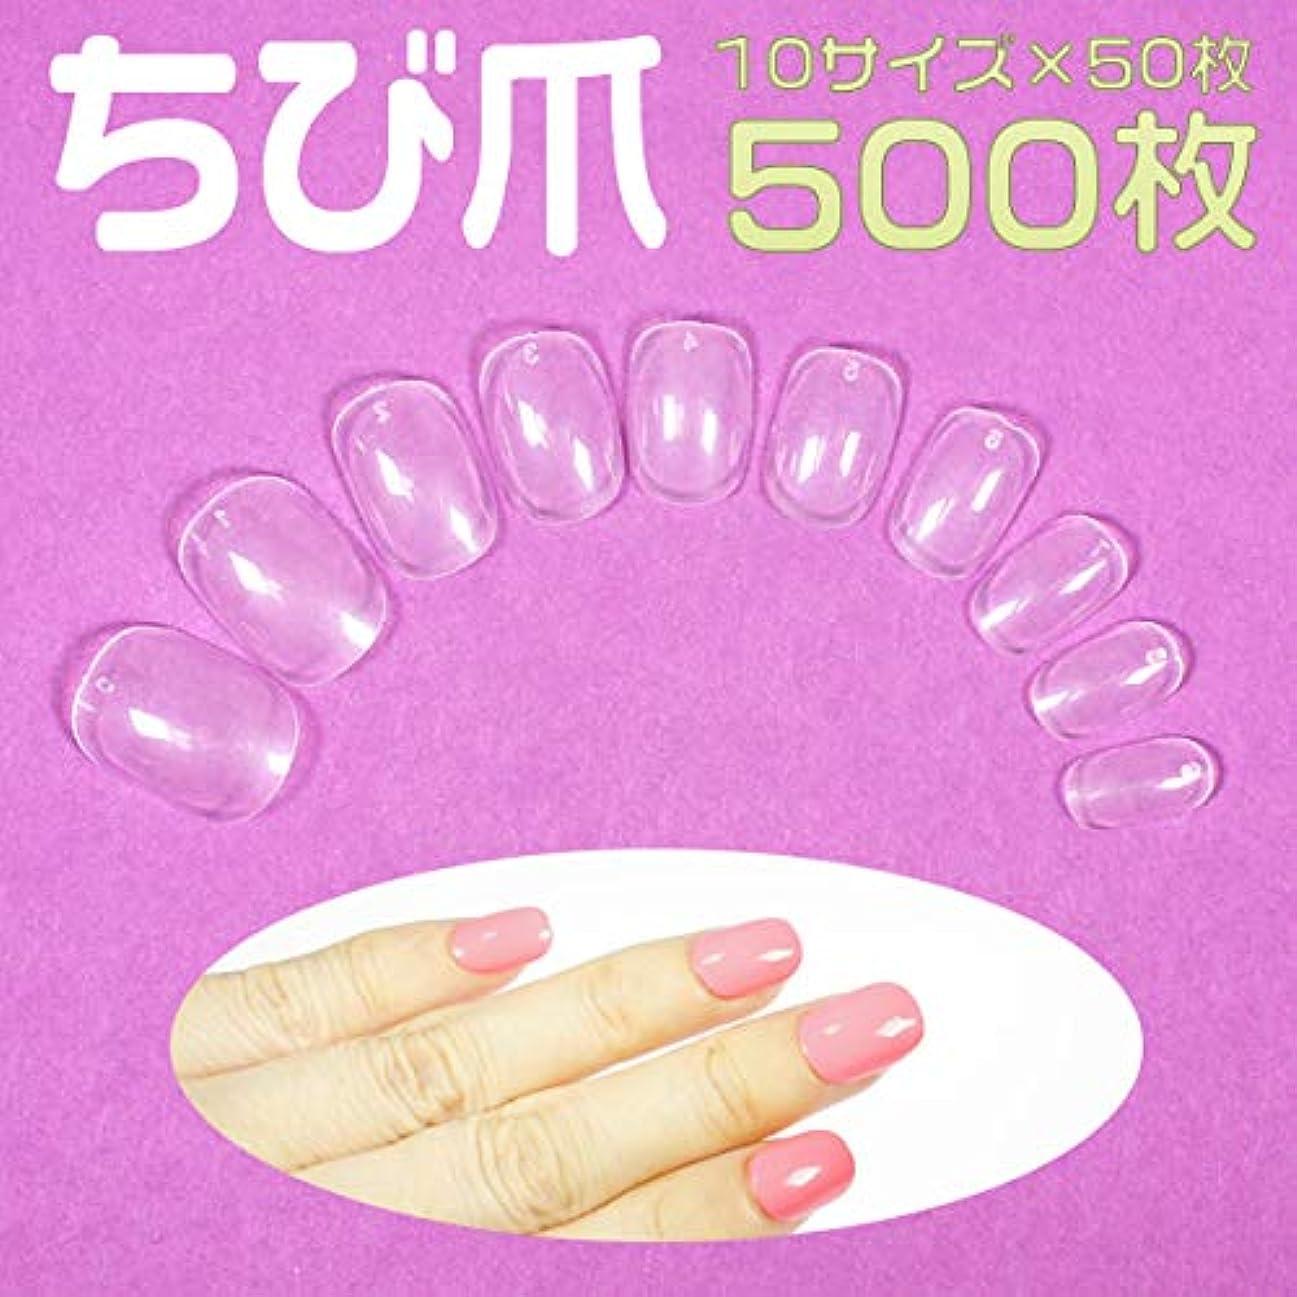 天の種類次ネイルチップ ちび爪 超ショートサイズ クリア [#1]500枚入 小さい爪用 短い爪用 ベリーショート つけ爪